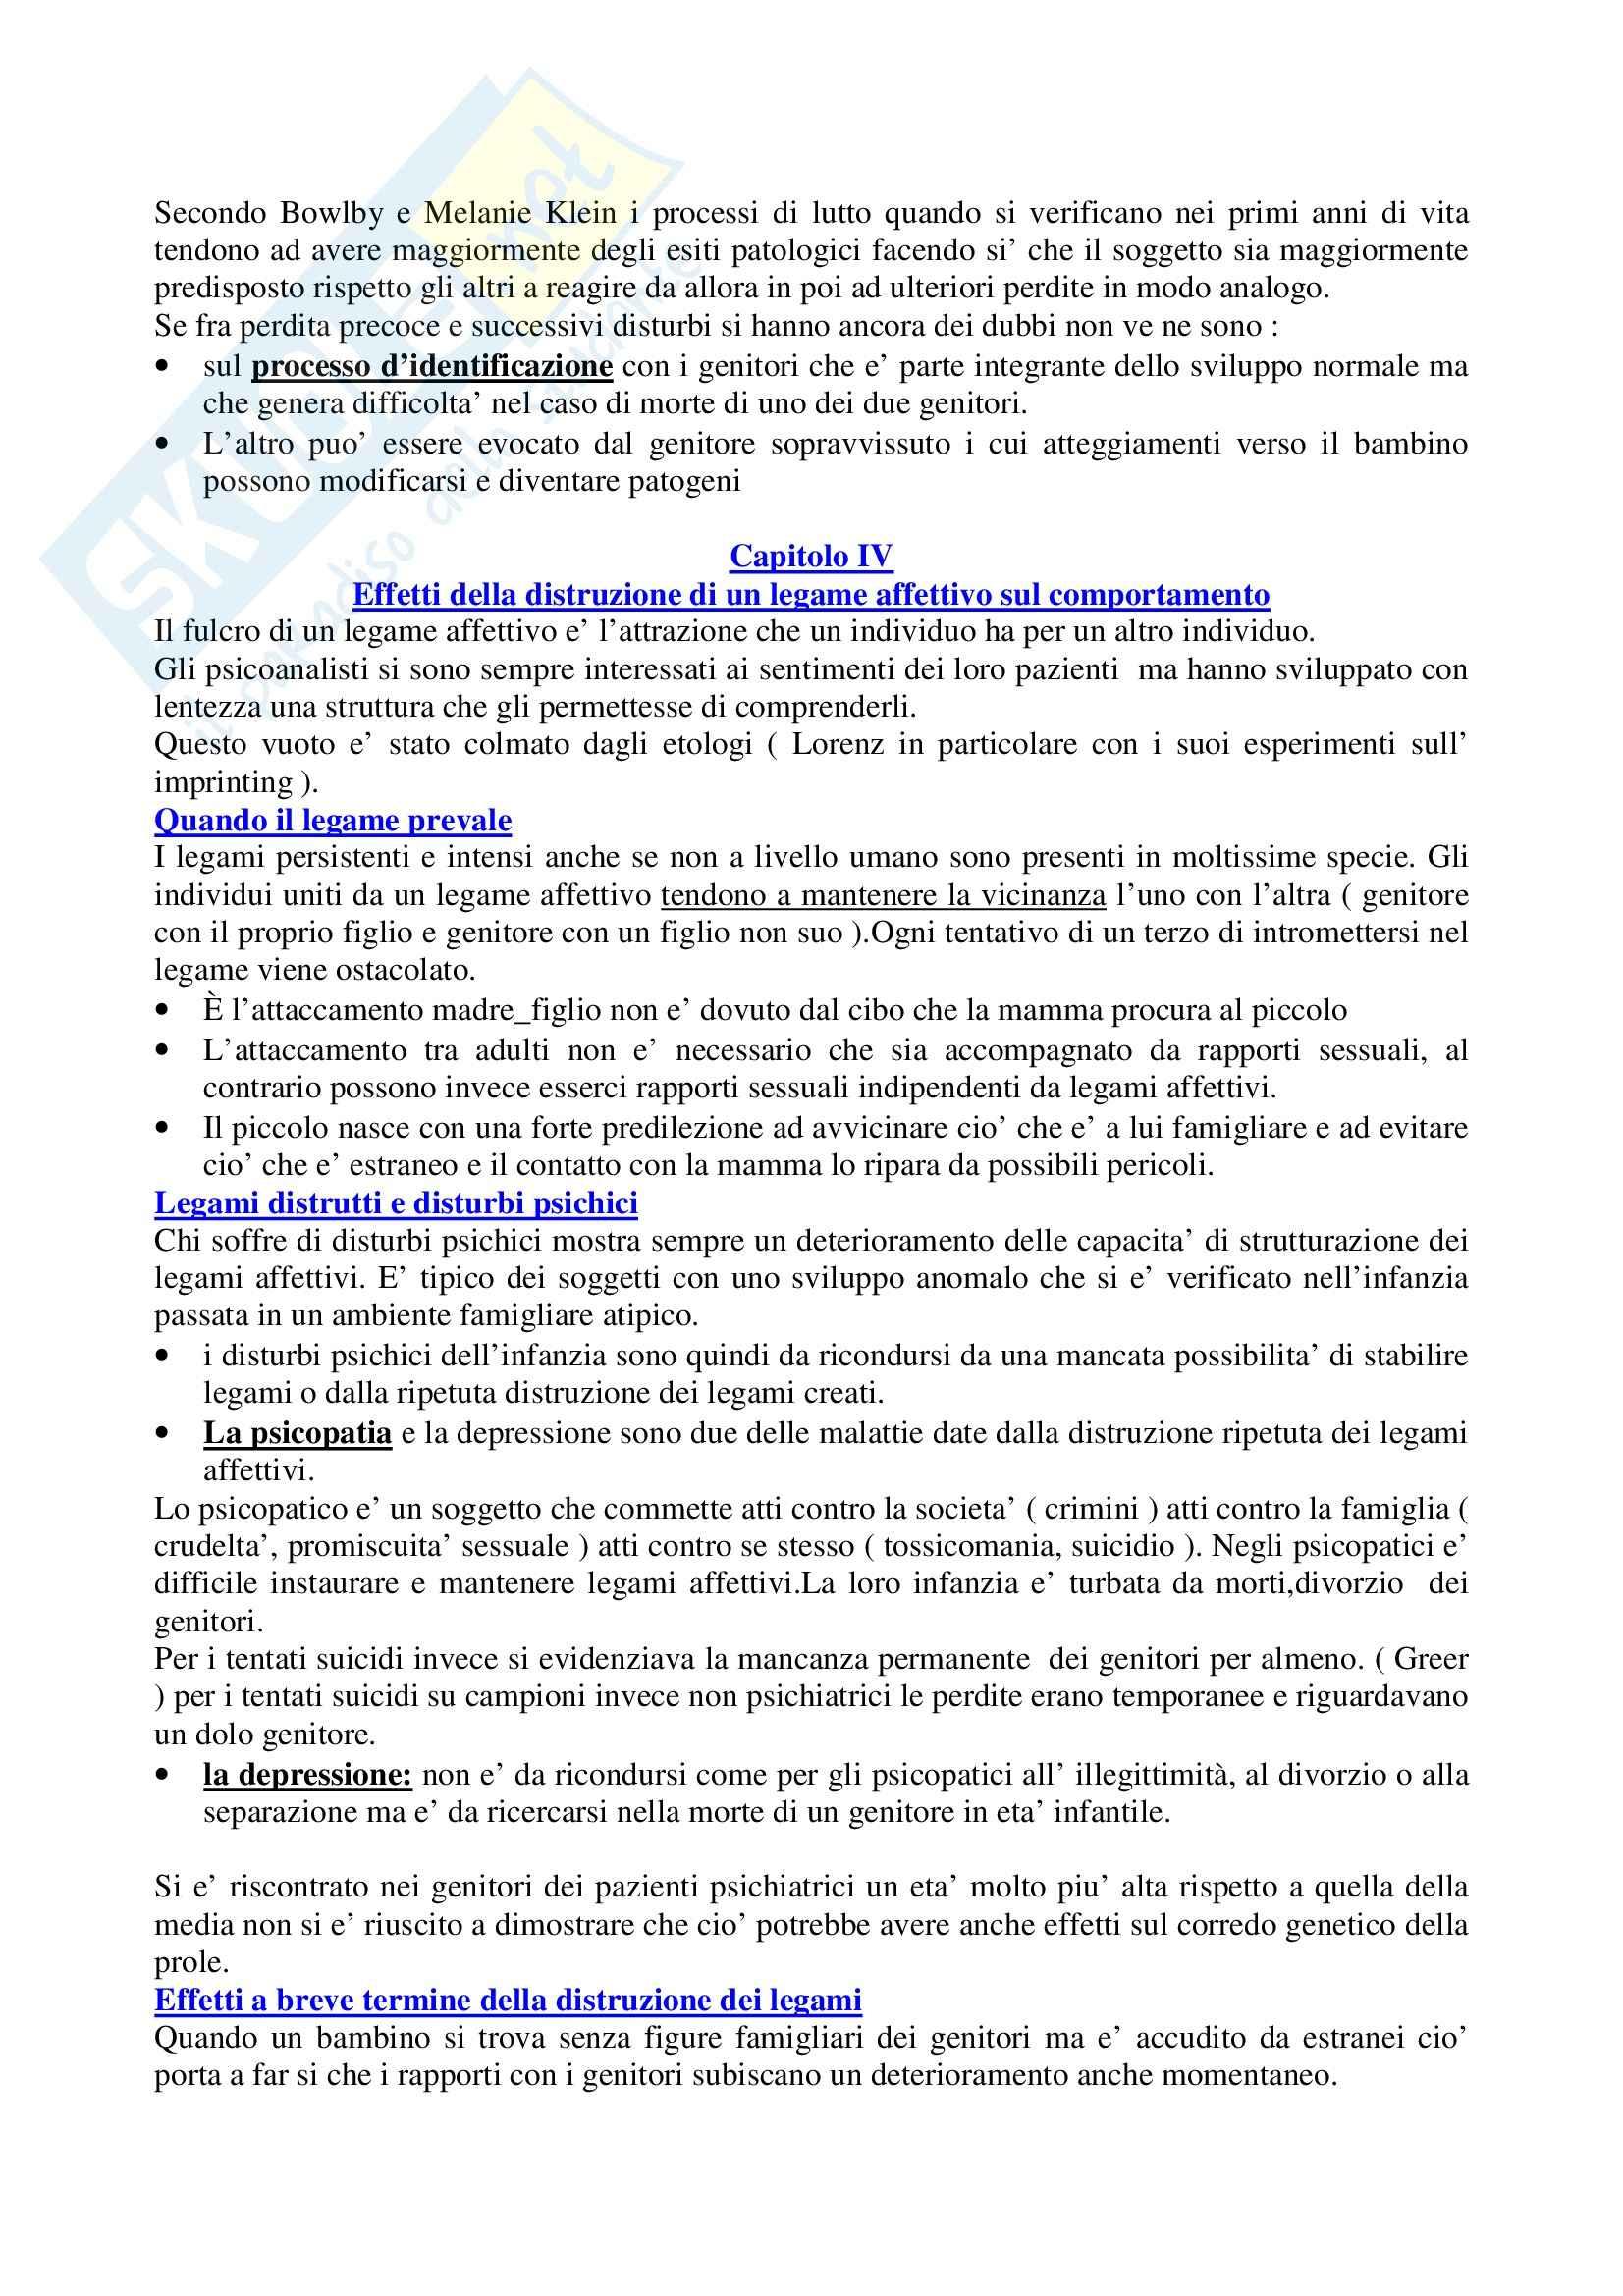 Costruzione e rottura dei legami affettivi Pag. 6